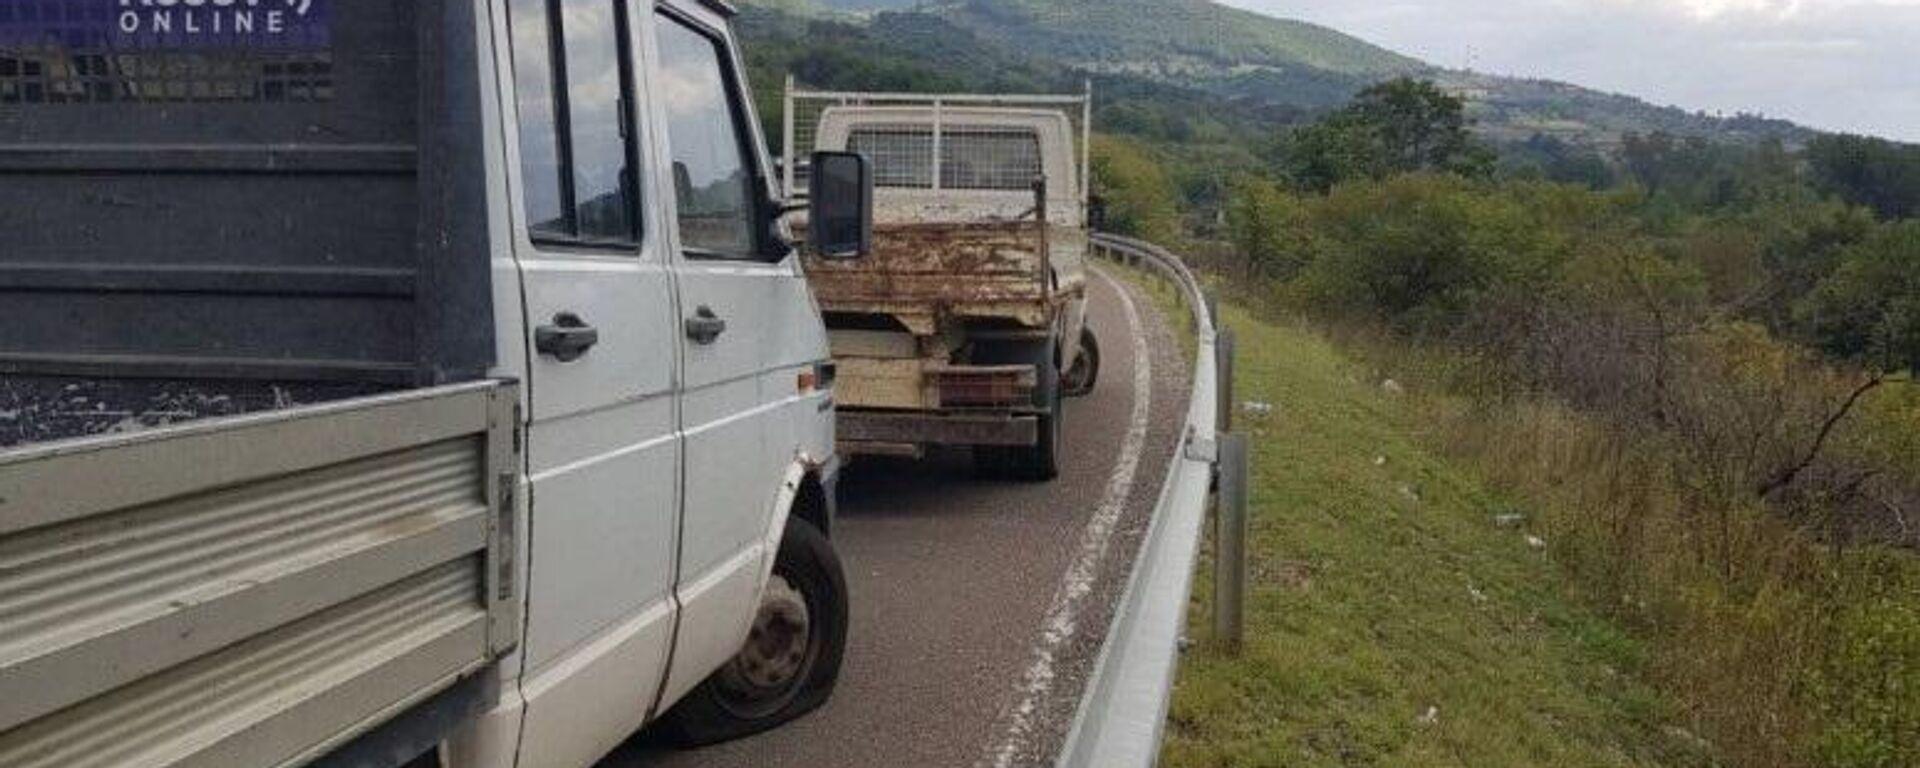 Isečene gume srpskih kamiona na Jarinju, Srbi sumnjaju na pripadnike ROSU - Sputnik Srbija, 1920, 01.10.2021